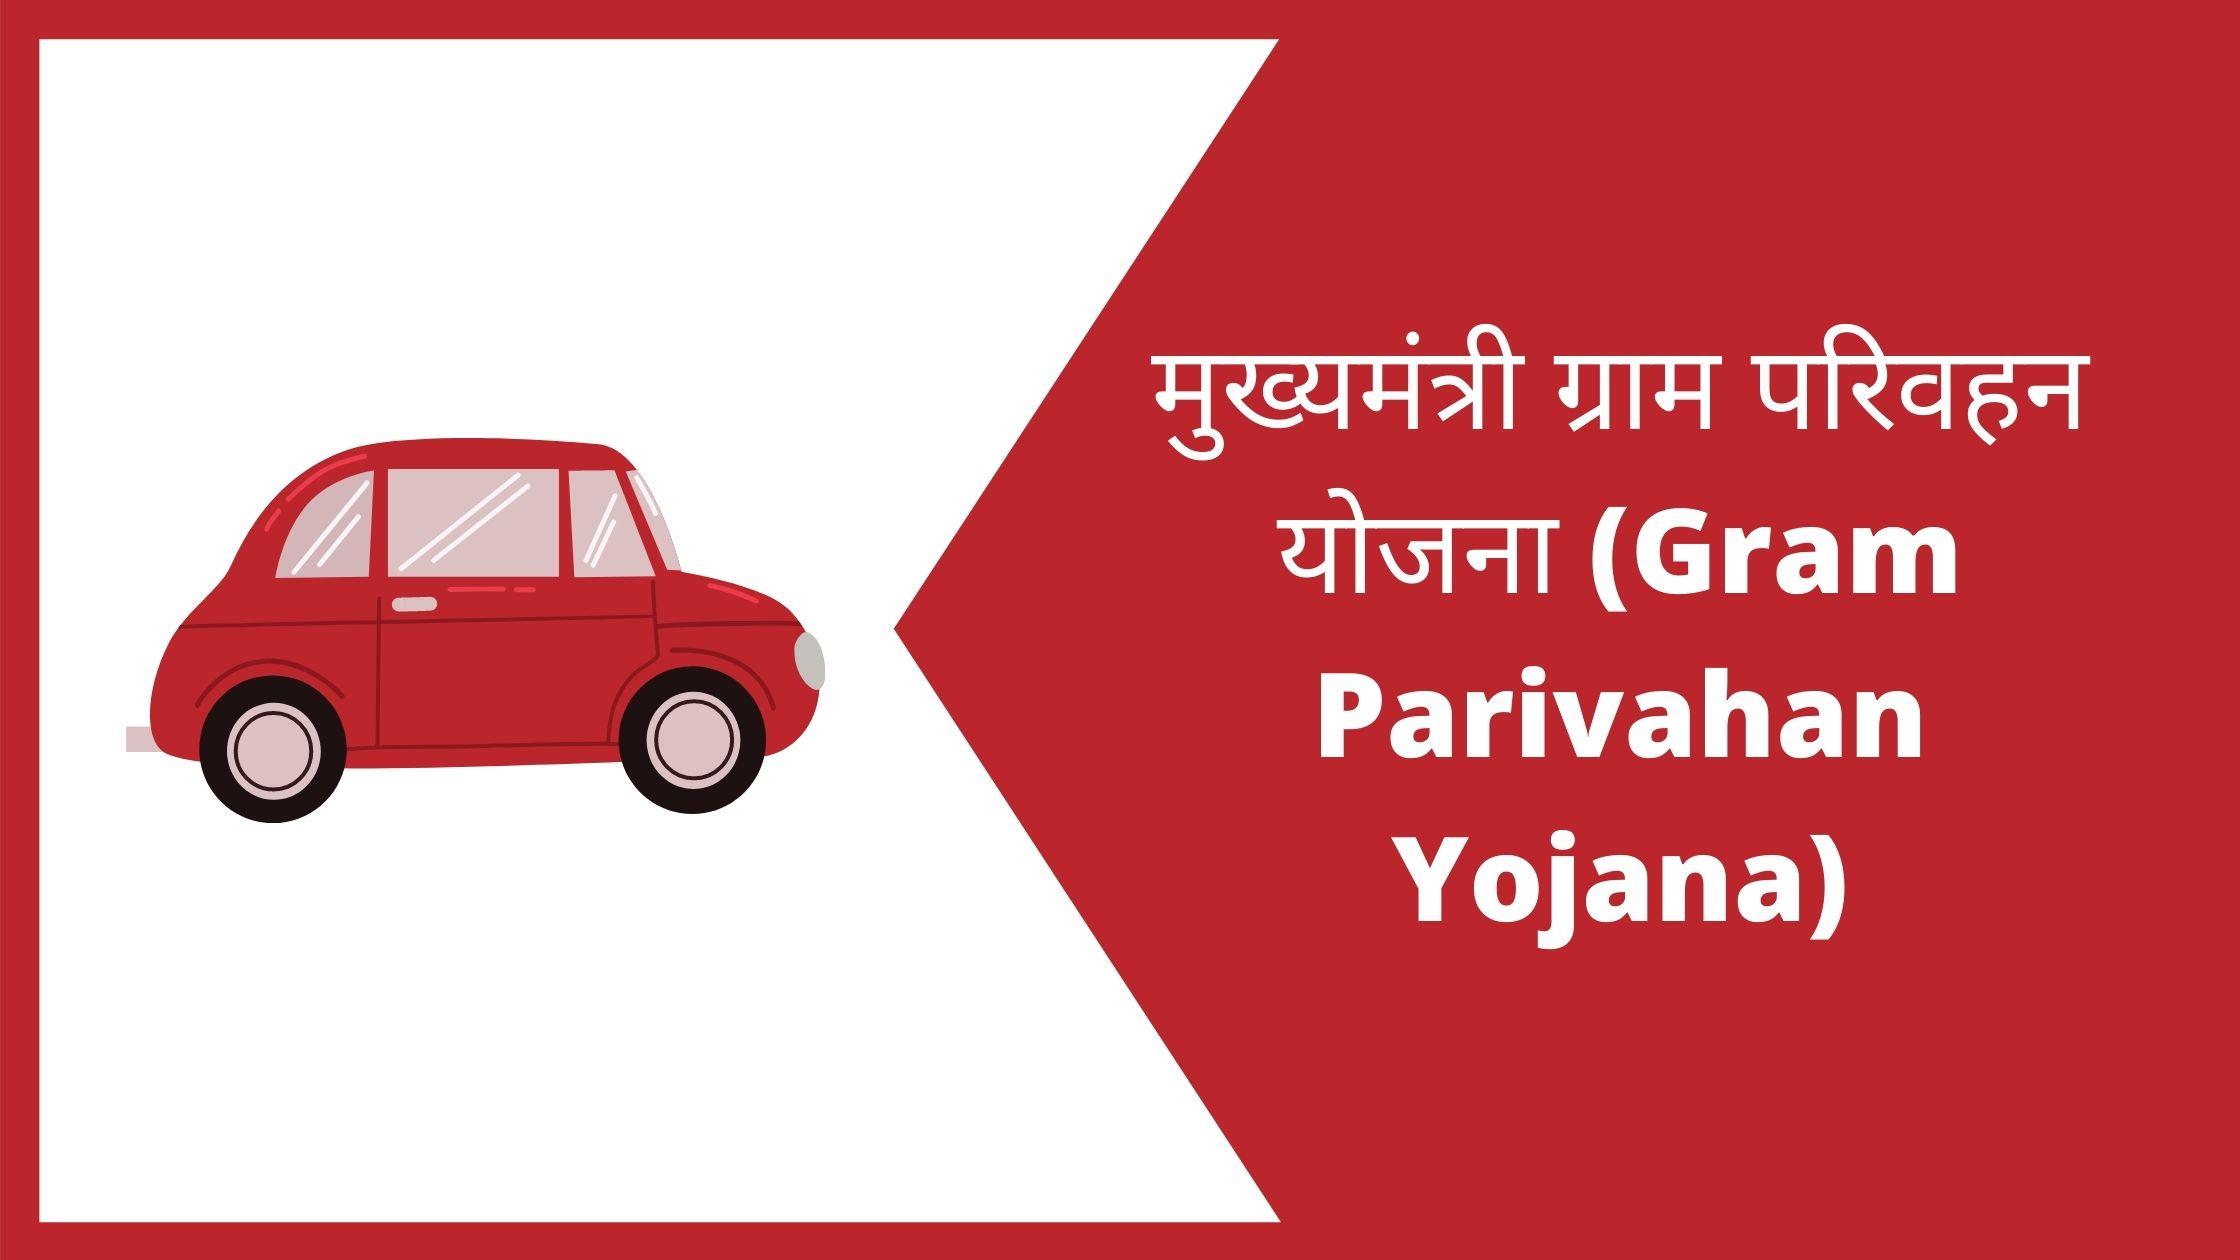 मुख्यमंत्री ग्राम परिवहन योजना (Gram Parivahan Yojana)